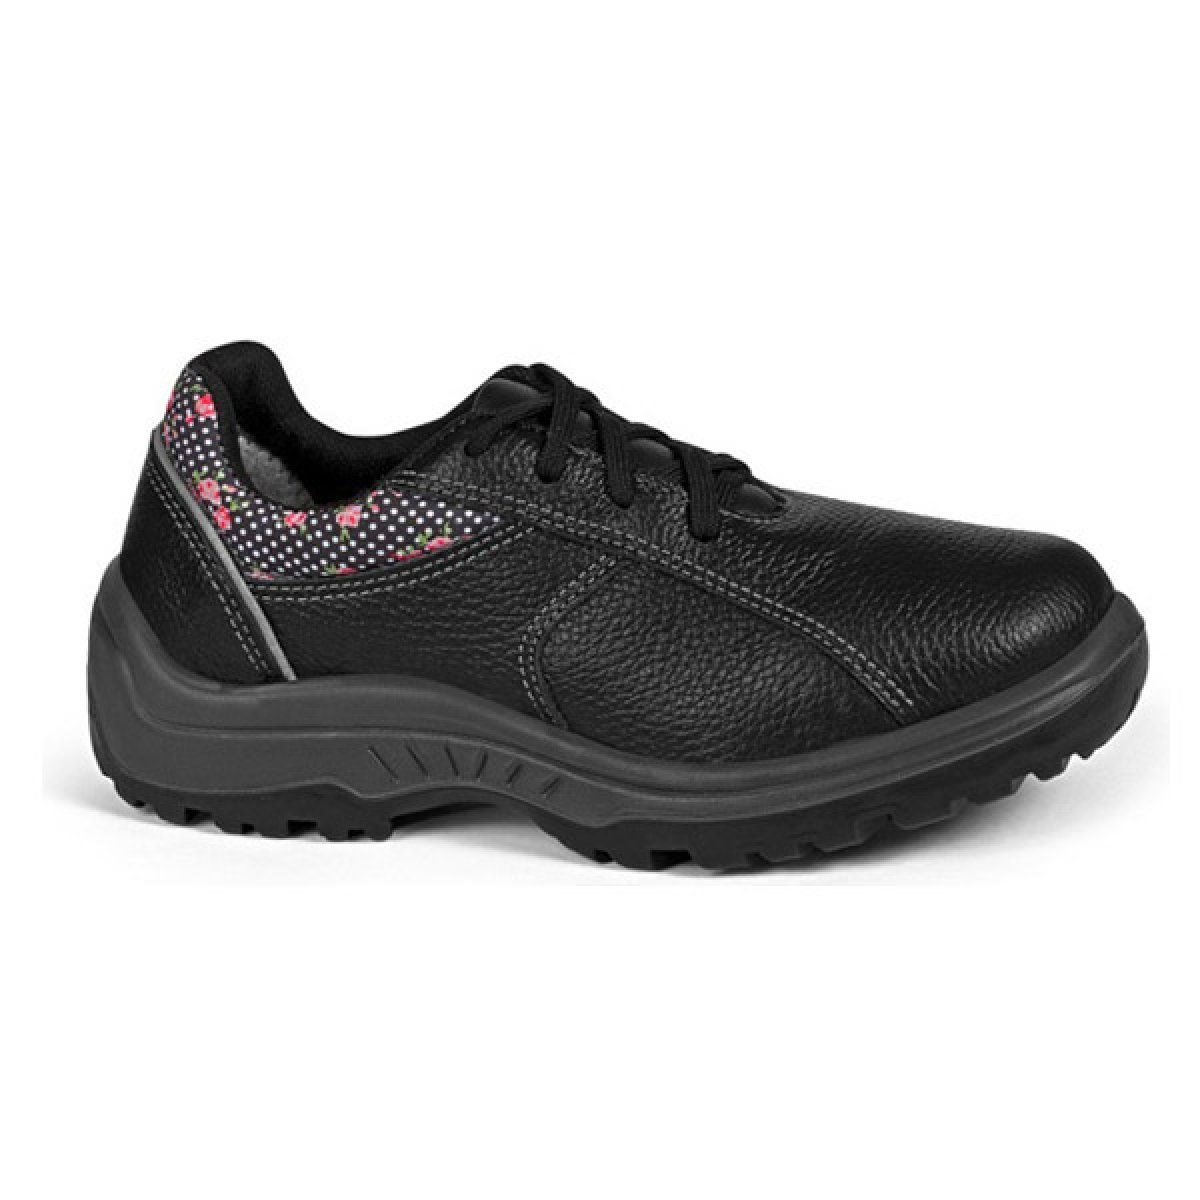 Sapato Feminino c/ Cadarço Bidensidade s/ Bico de Aço Preto N°33 - BRACOL